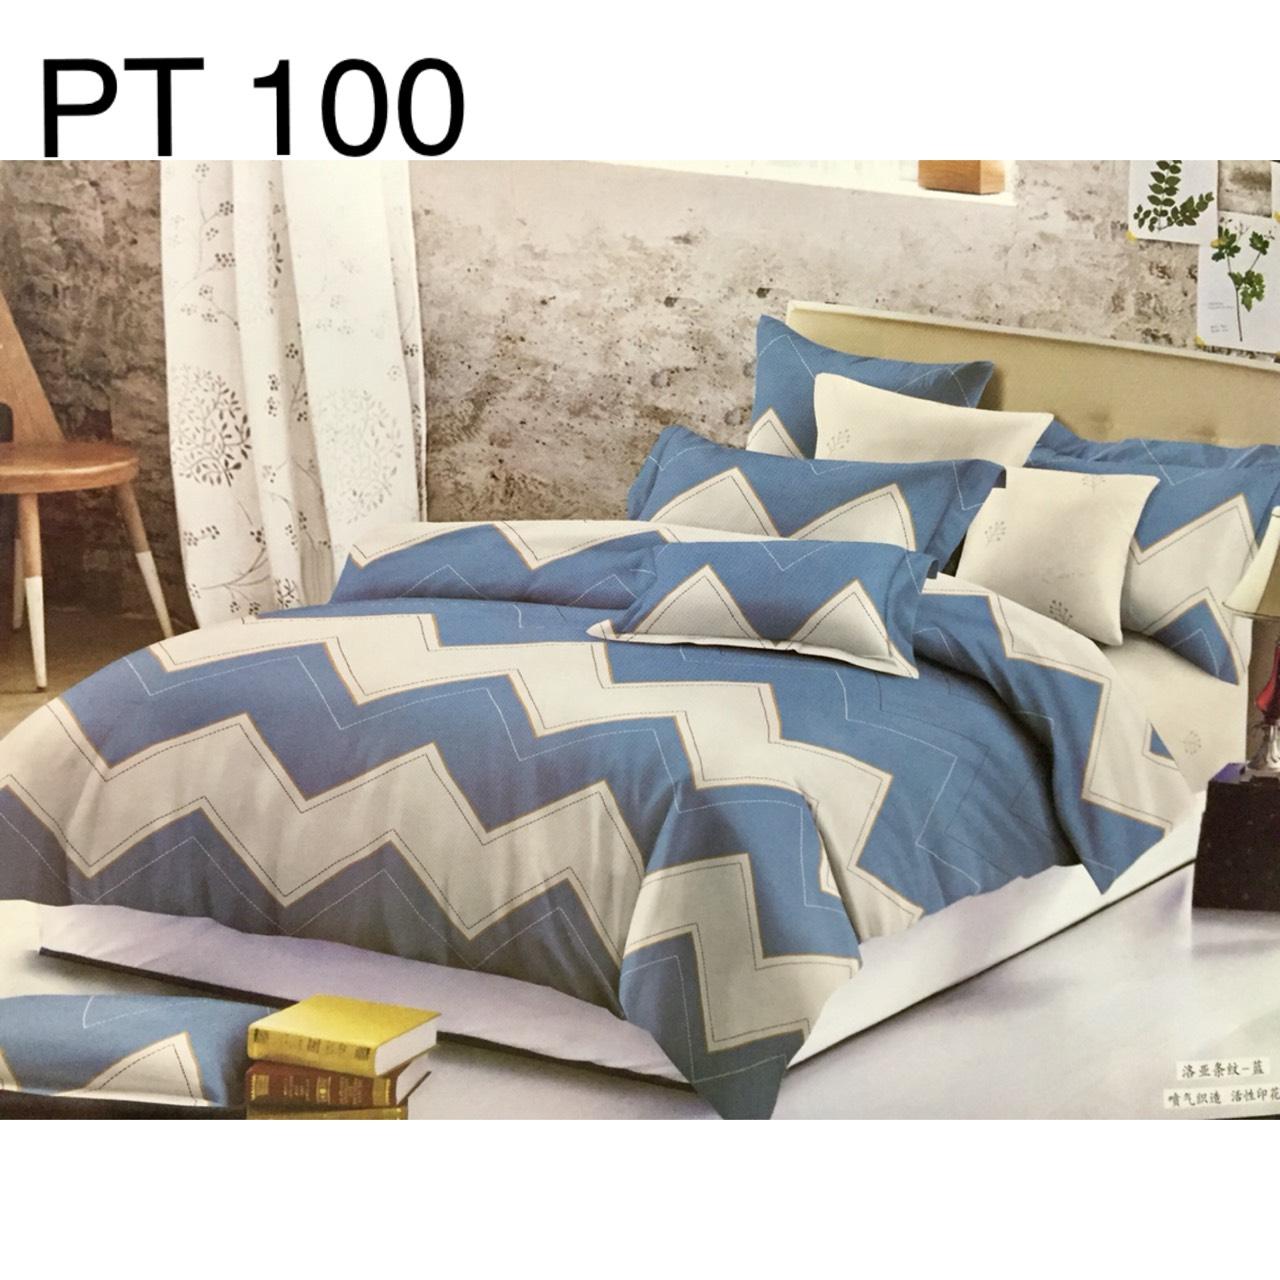 Bộ Chăn Ga Phủ Cotton Hàn Quốc - PT100